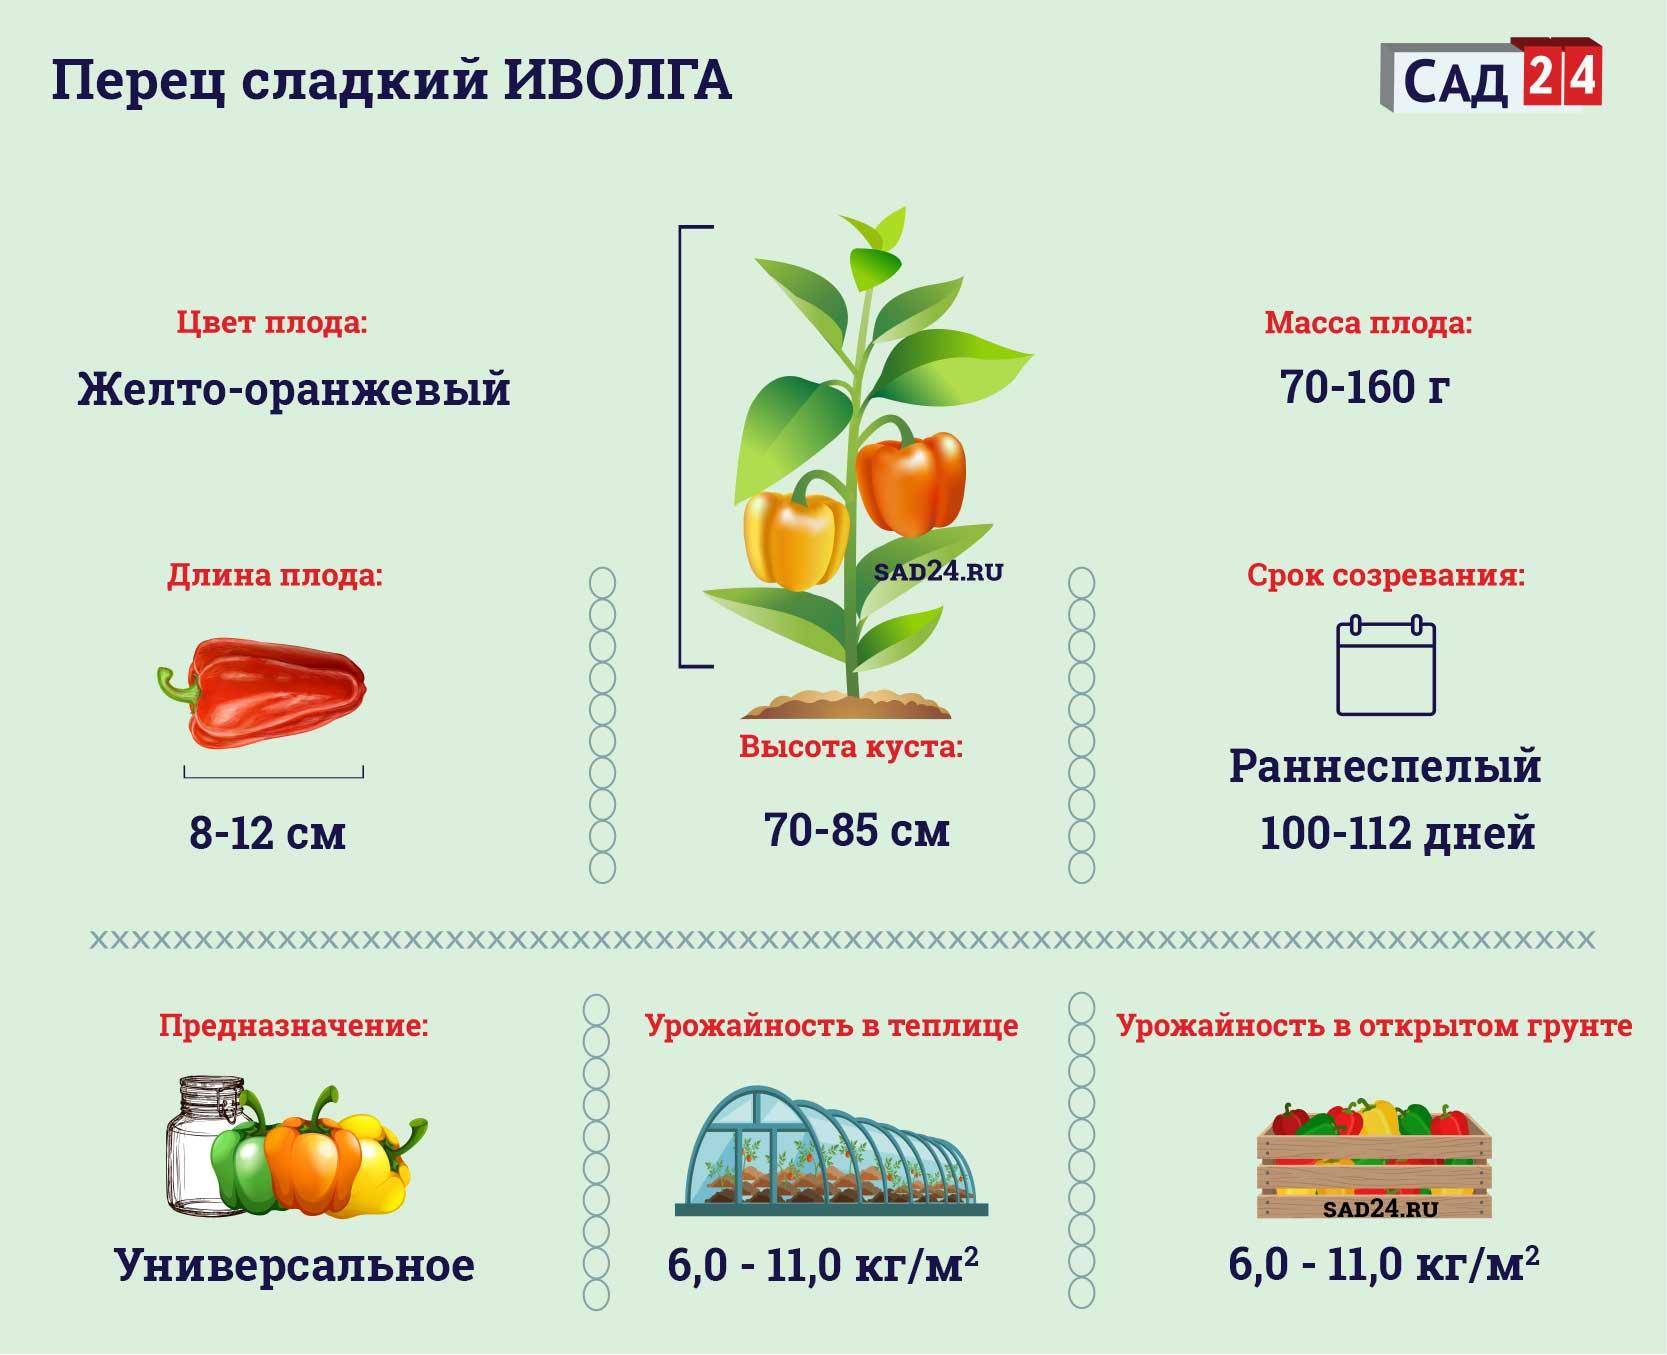 Иволга - https://sad24.ru